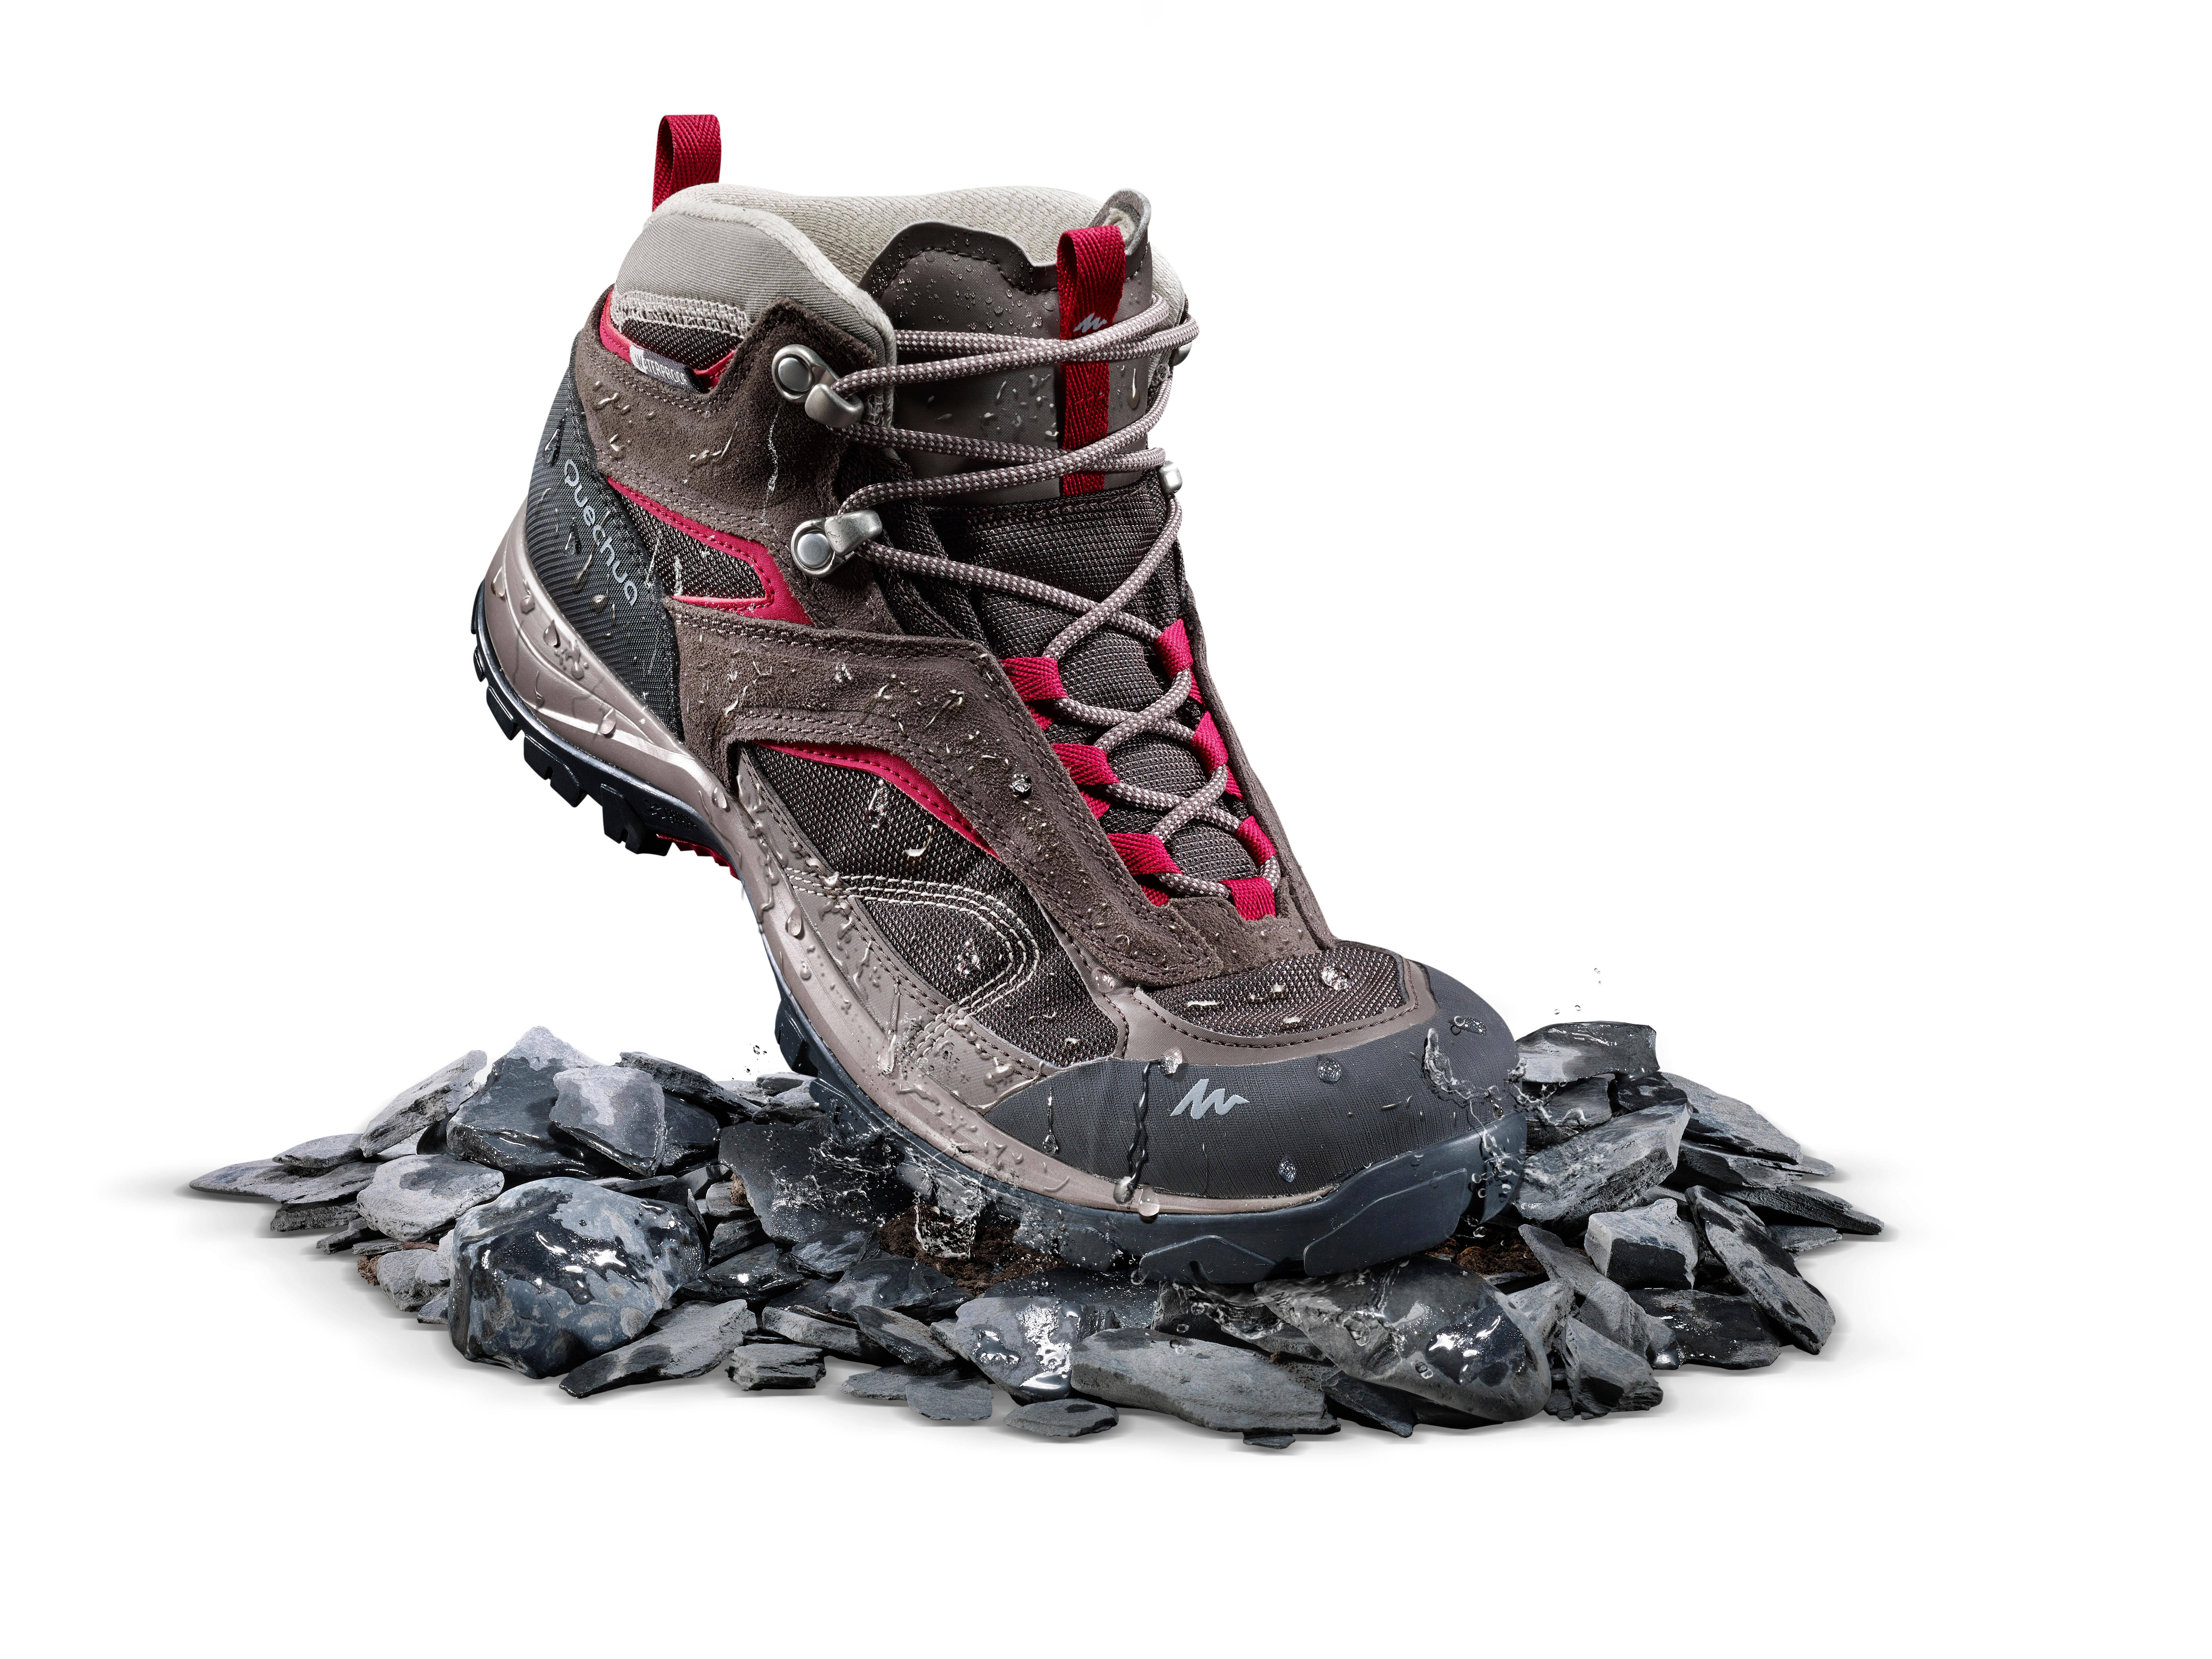 Chaussures de randonnée montagne femme MH100 Mid imperméable brun